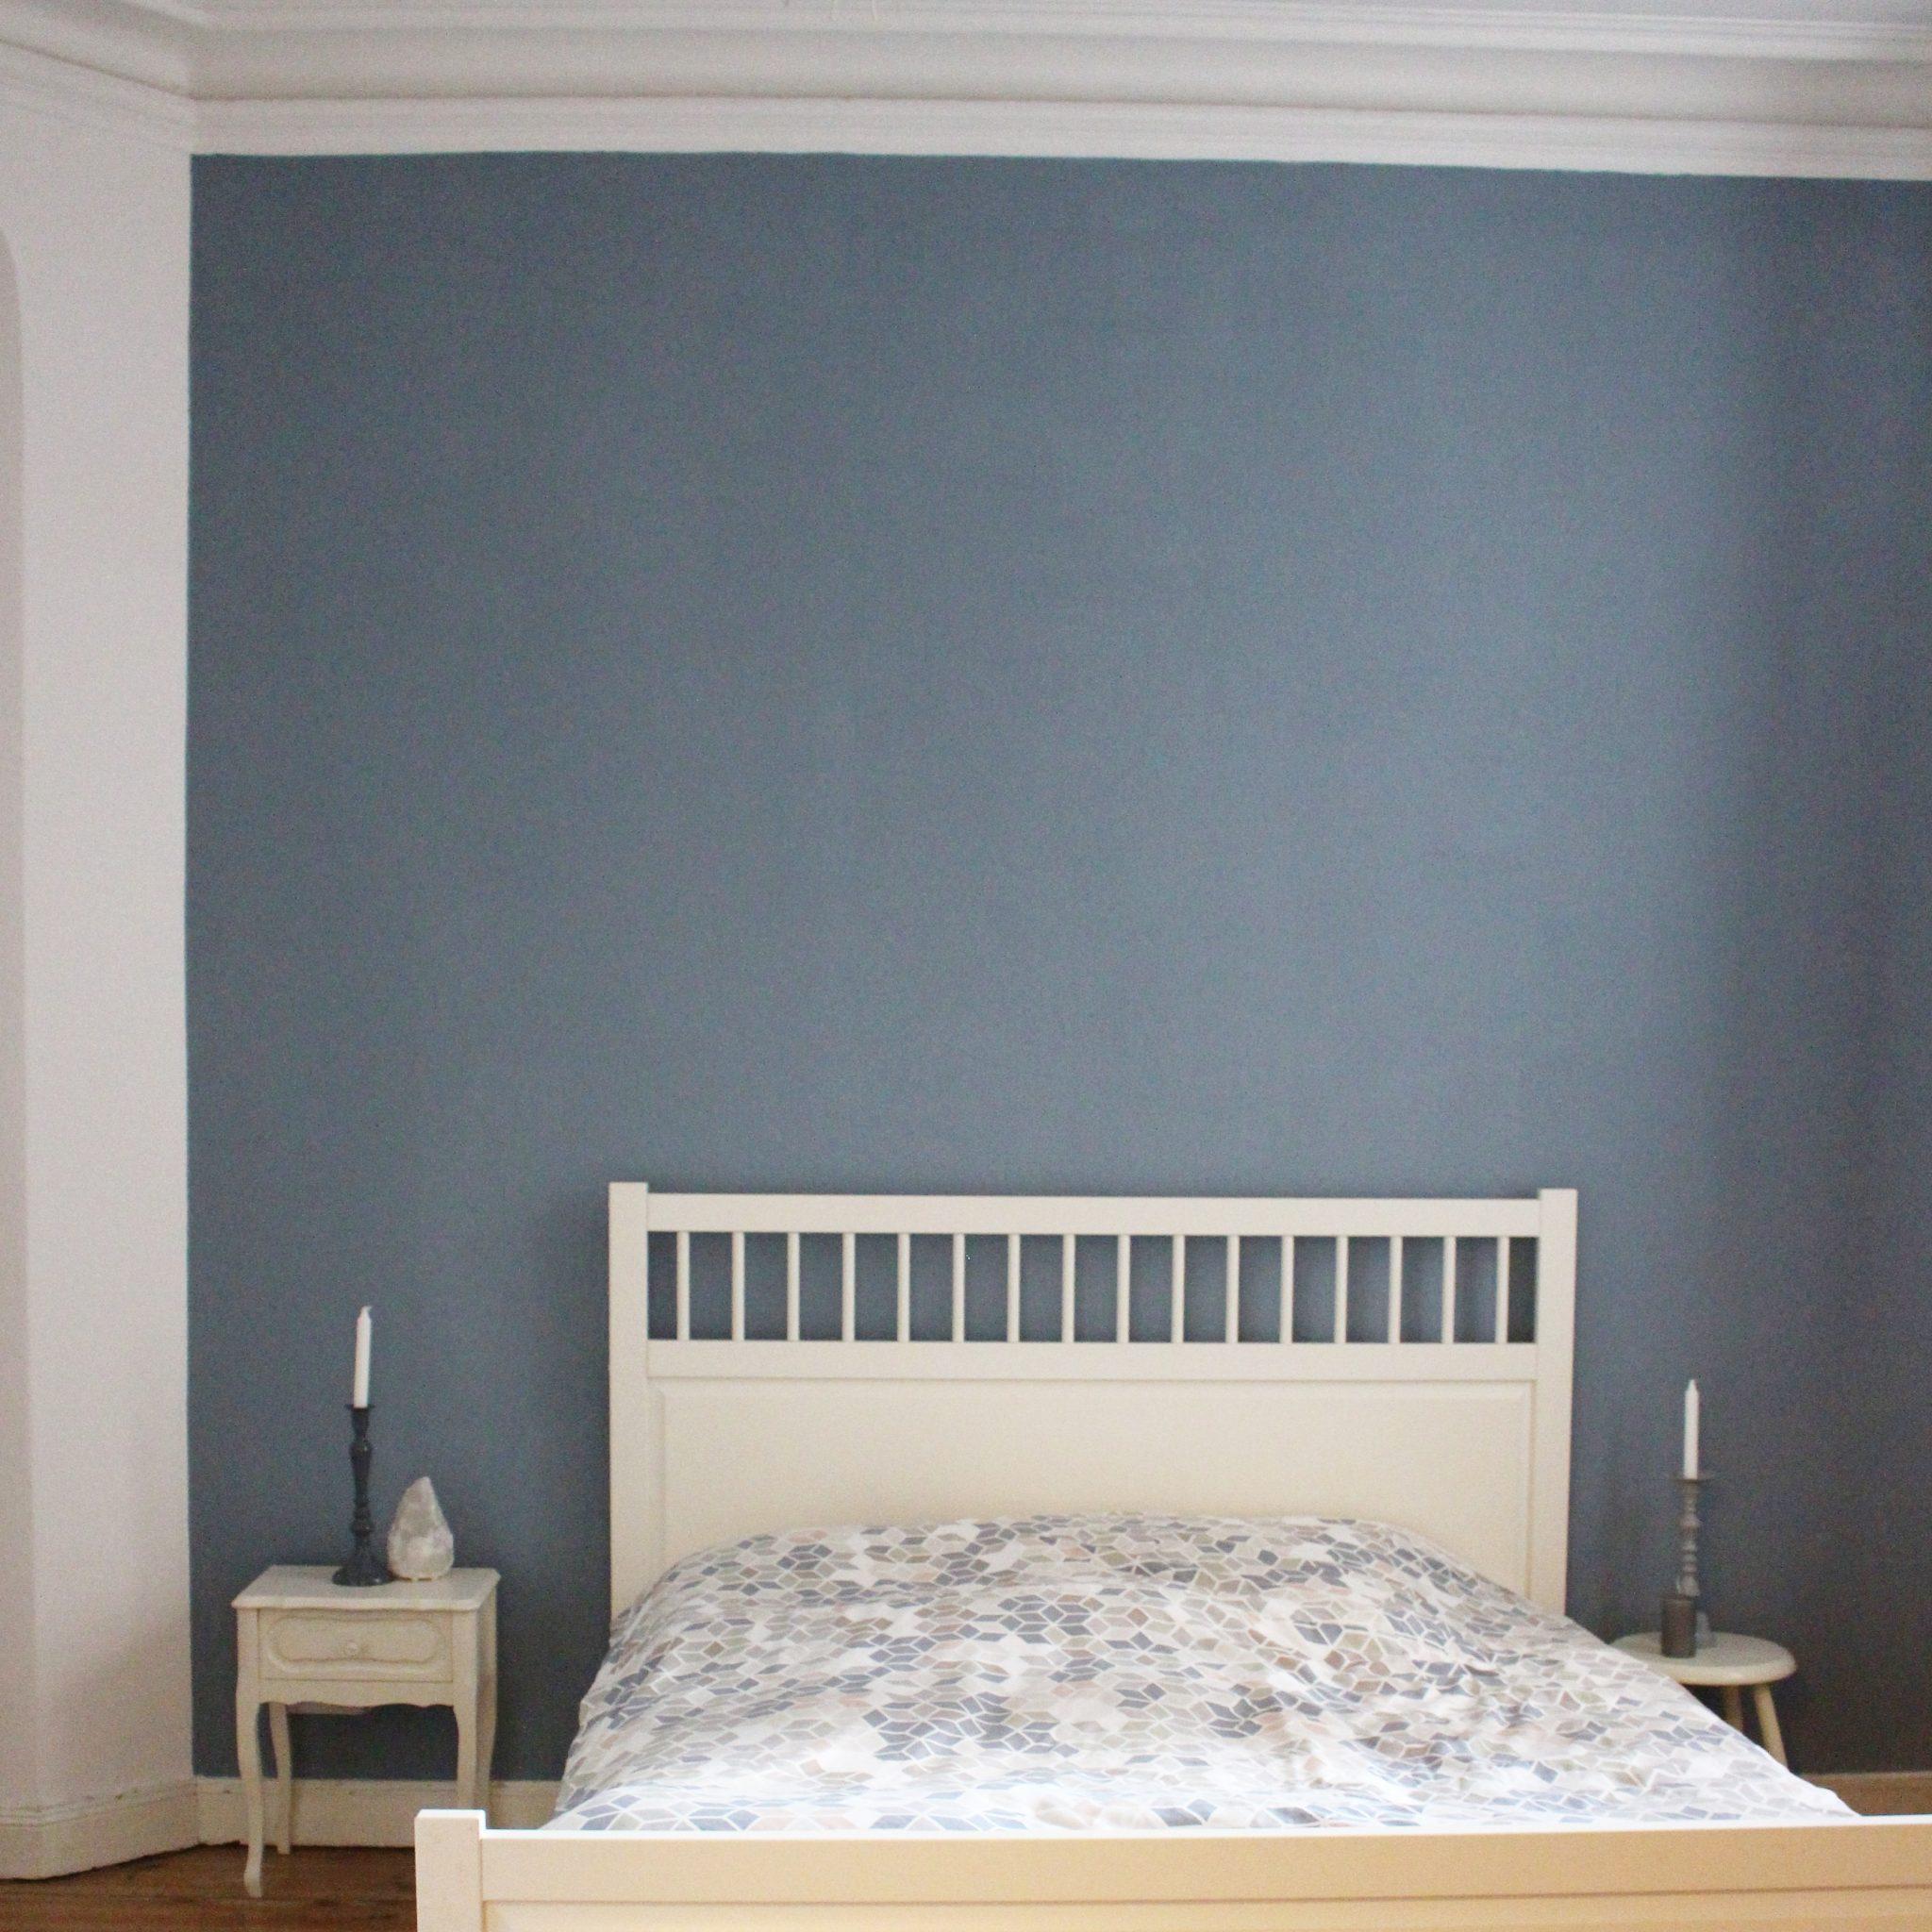 Schlafzimmer deko skandinavisch alpina4 sarahplusdrei for Schlafzimmer deko